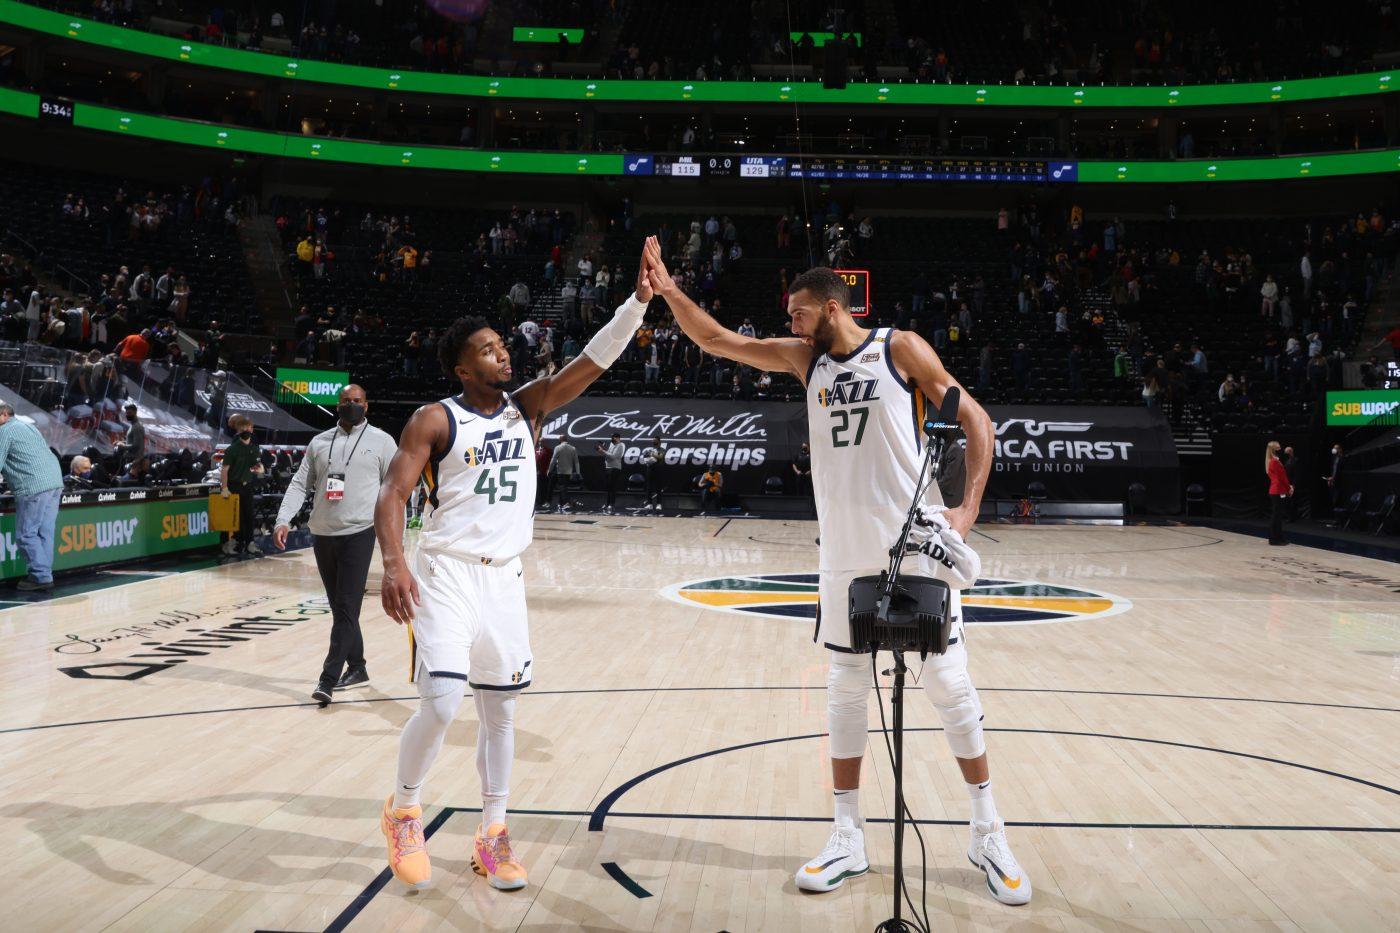 Czy Utah Jazz naprawdę wkroczyli do walki o tytuł?